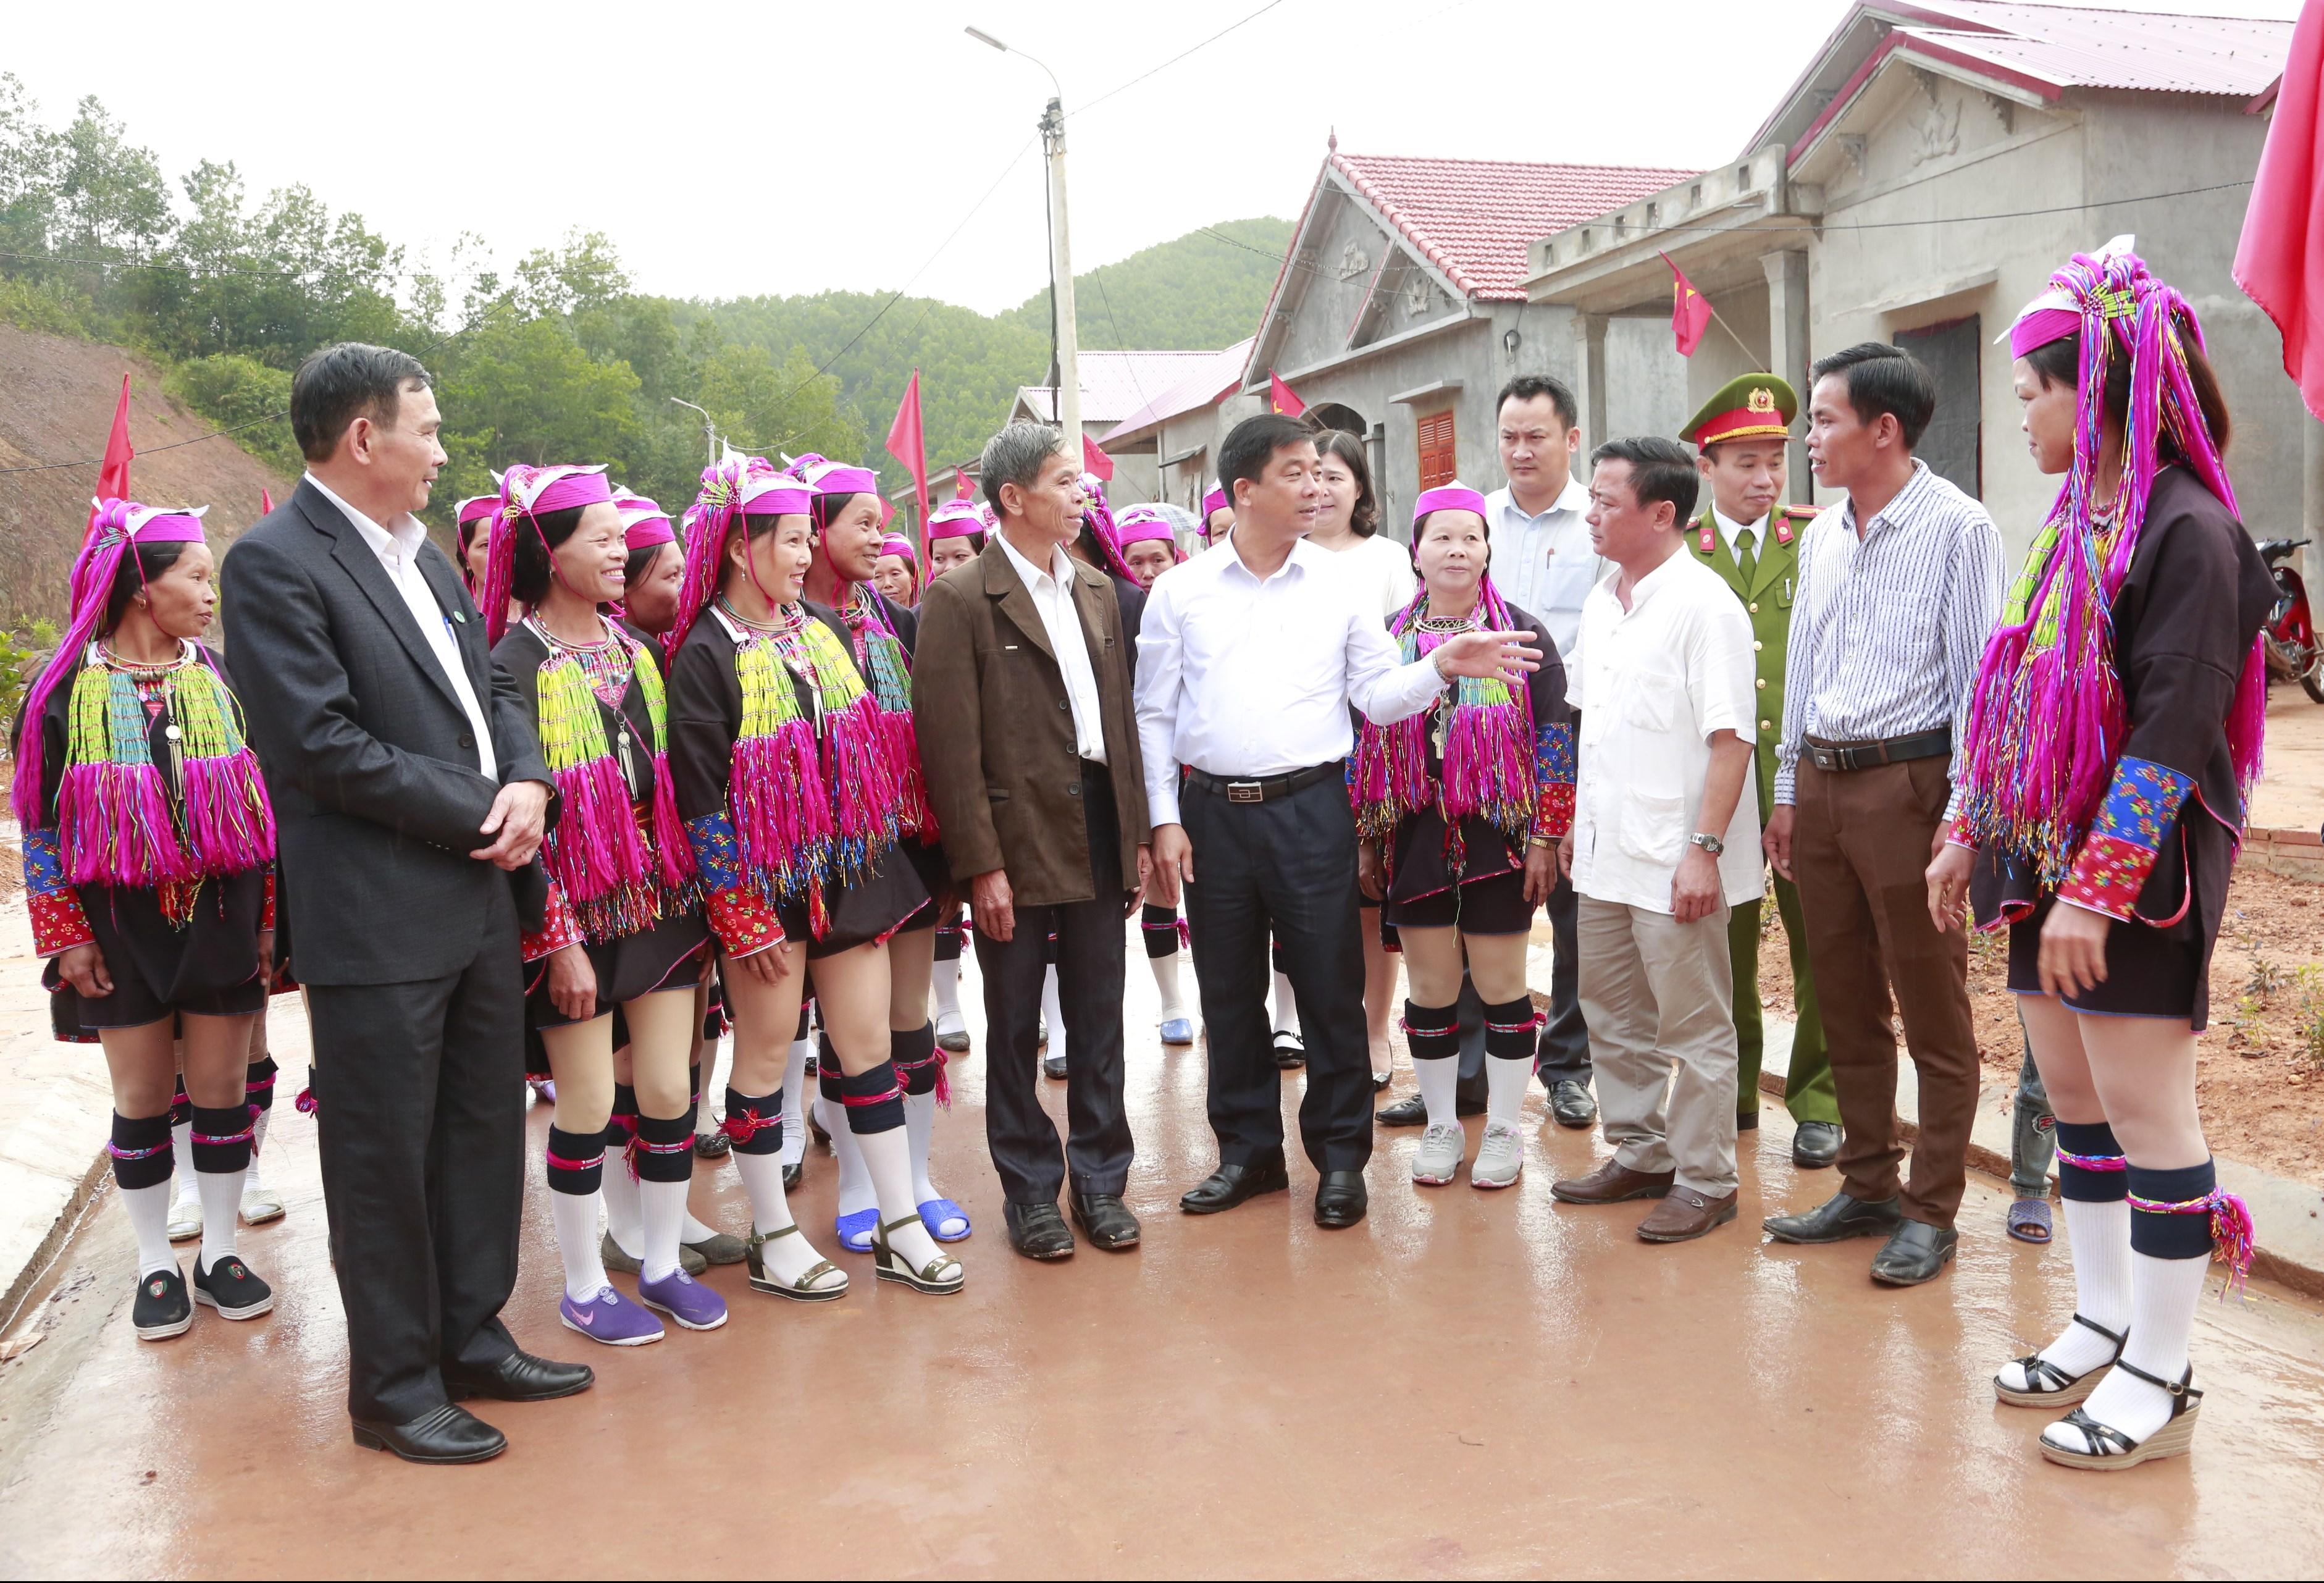 Bí thư Huyện ủy, Chủ tịch UBND huyện Tiên Yên Hà Hải Dương (đứng thứ 5 từ phải qua trái) trao đổi với cán bộ xã Hà Lâu và đồng bào thôn Khe Lẹ